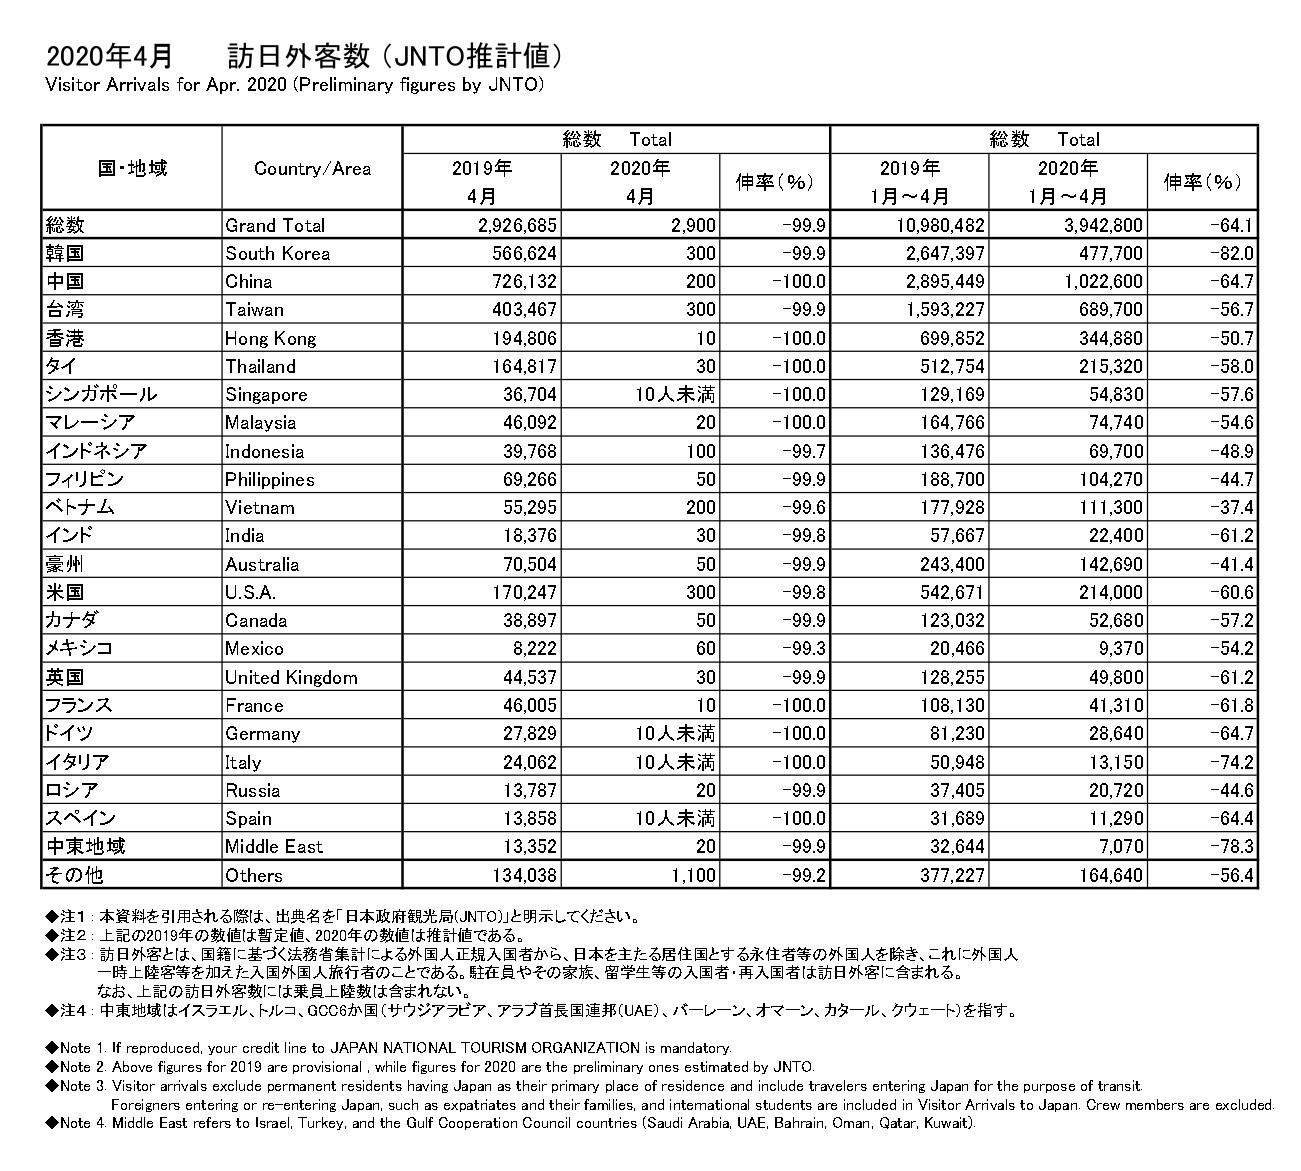 訪日外国人数国別